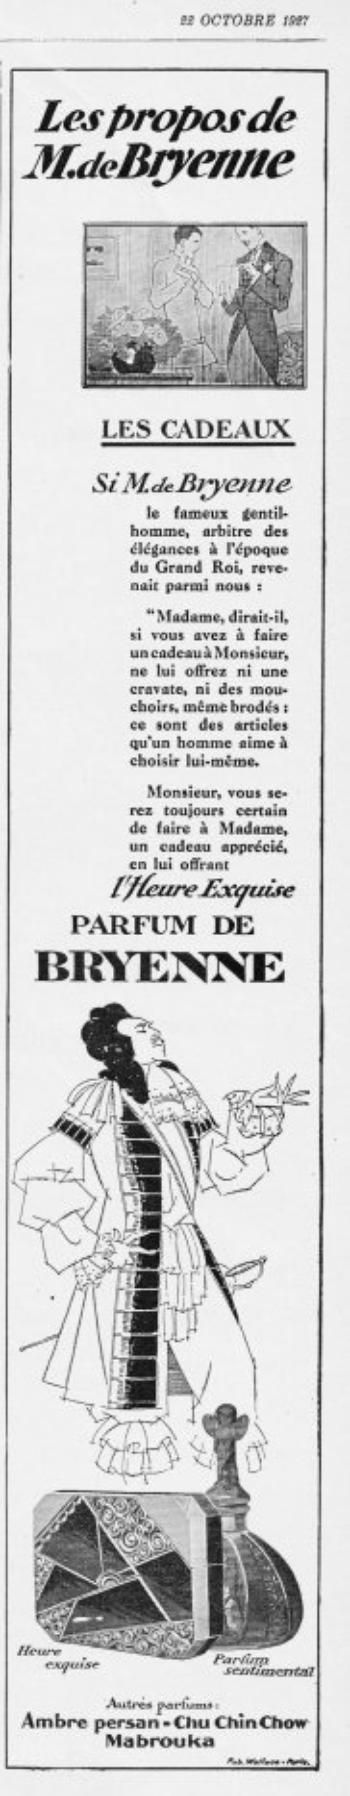 🌸 Bryenne  🌸